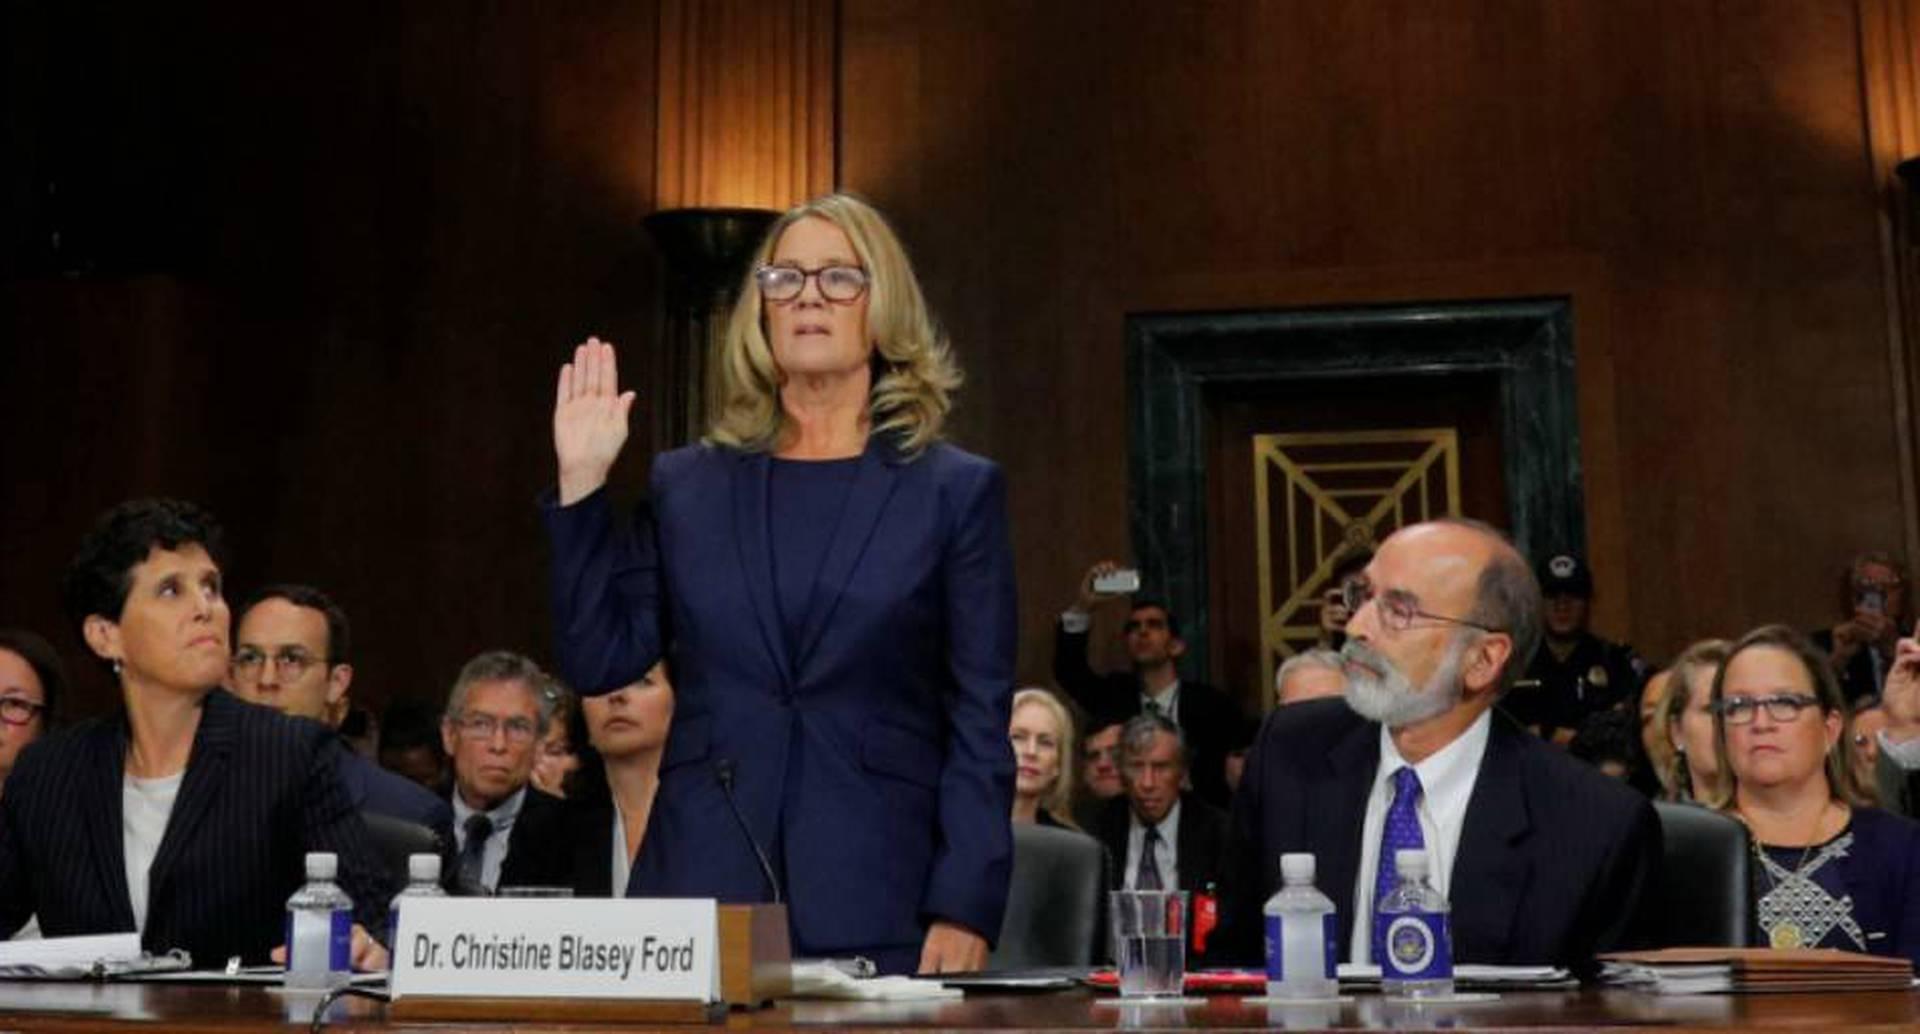 La profesora Christine Blasey Ford se presenta en el Senado estadounidense para acusar a Kavanaugh por agresión sexual.